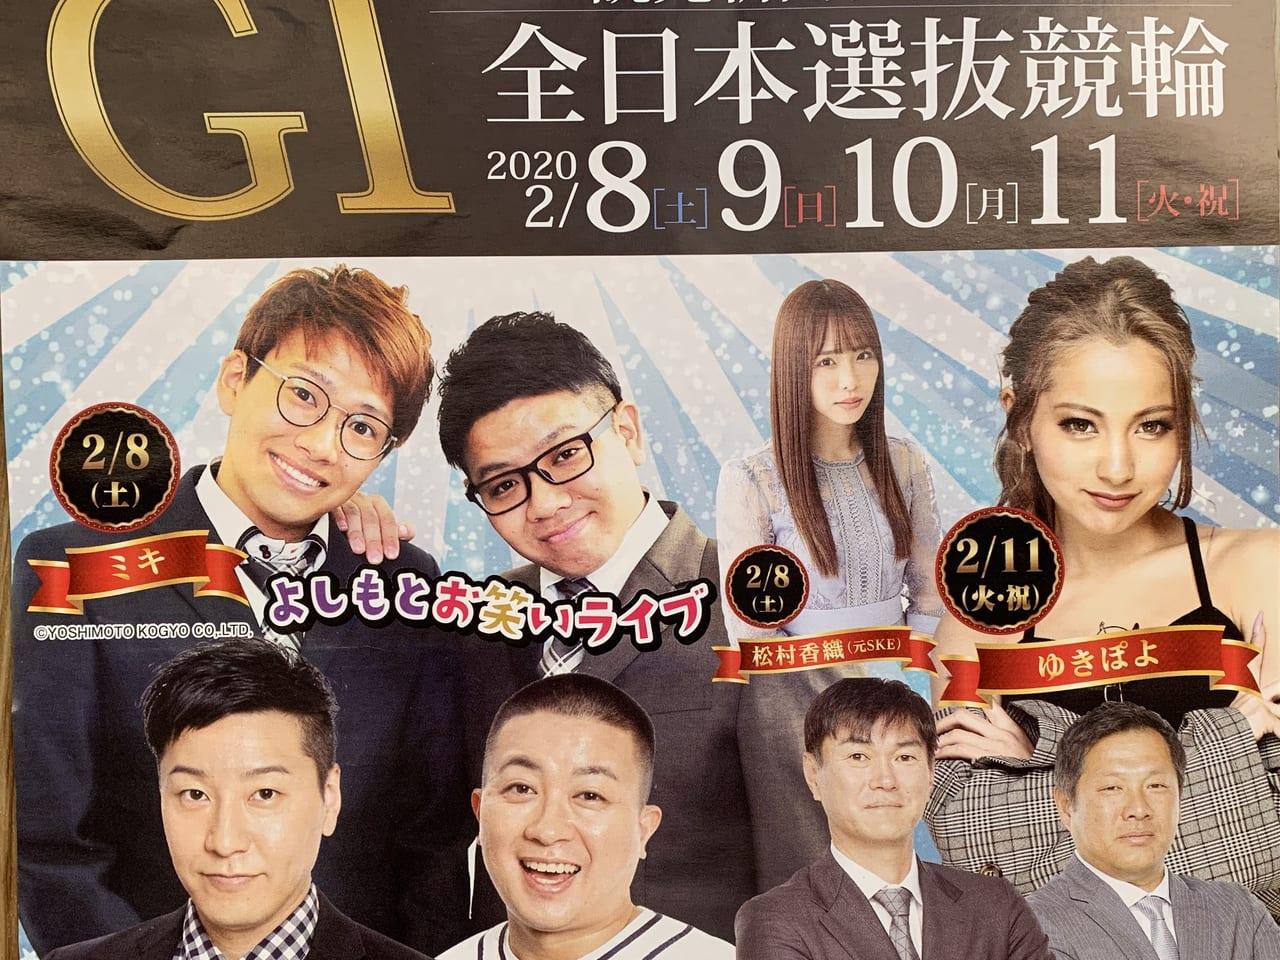 けい りん jp トップページ|KEIRIN.JP